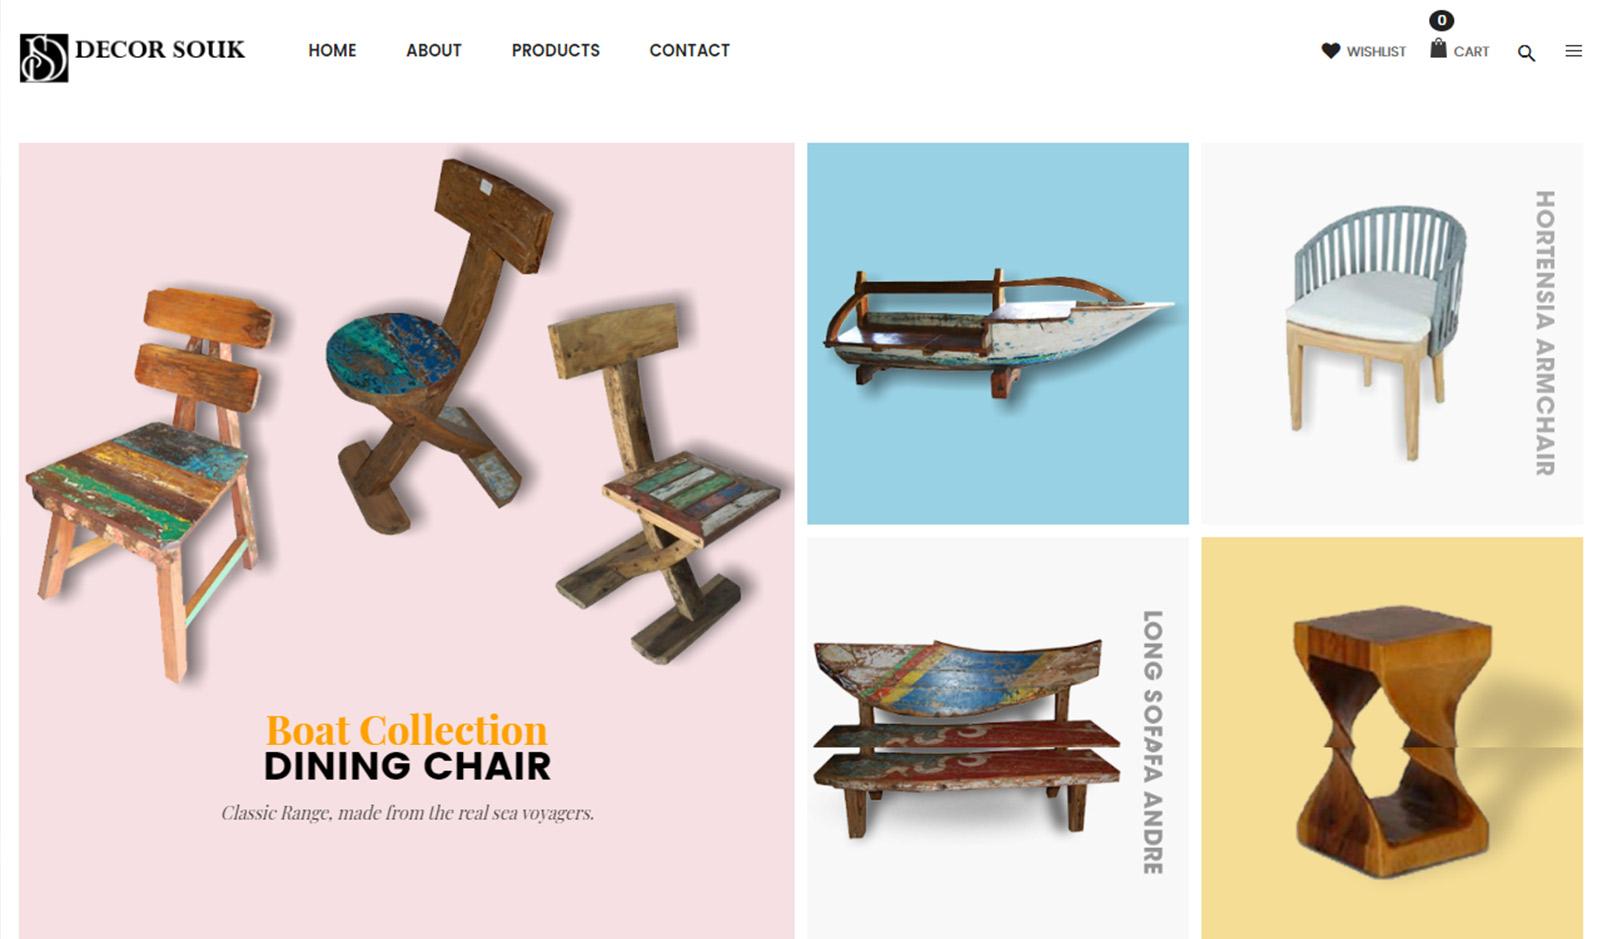 Decor souk website